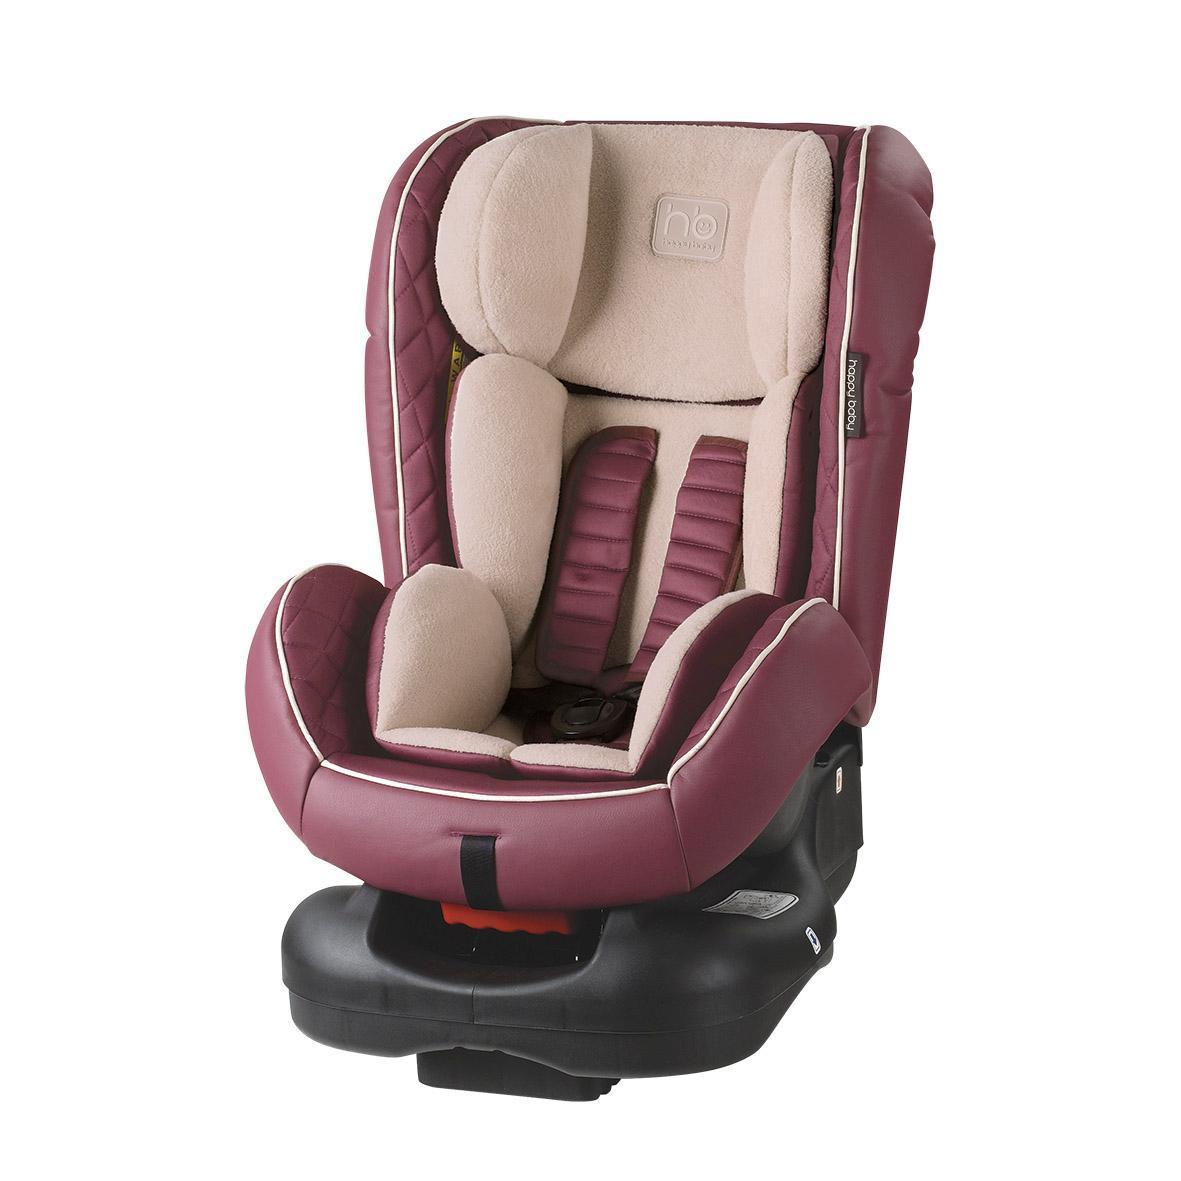 Автокресло Happy Baby Taurus PurpleSC-FD421005Taurus - автомобильное кресло групп 0/I (для детей от 0 до 18 кг). Внешняя часть кресла выполнена из качественной экокожи, приятной на ощупь, которая не пачкается и имеет водоотталкивающий эффект. Благодаря дышащей фактурной текстильной вкладке малыш будет чувствовать себя комфортно. Кресло имеет 4 положения наклона спинки, оснащено удобным механизмом регулировки. Ребенок фиксируется в кресле с помощью пятиточечных ремней безопасности, оснащенных регулируемыми по высоте накладками. Вы можете комфортно поместить малыша в кресло и быть уверенными в его безопасности. Автокресло крепится в автомобиле с помощью трехточечных штатных ремней безопасности и устанавливается лицом по ходу или против движения автомобиля.